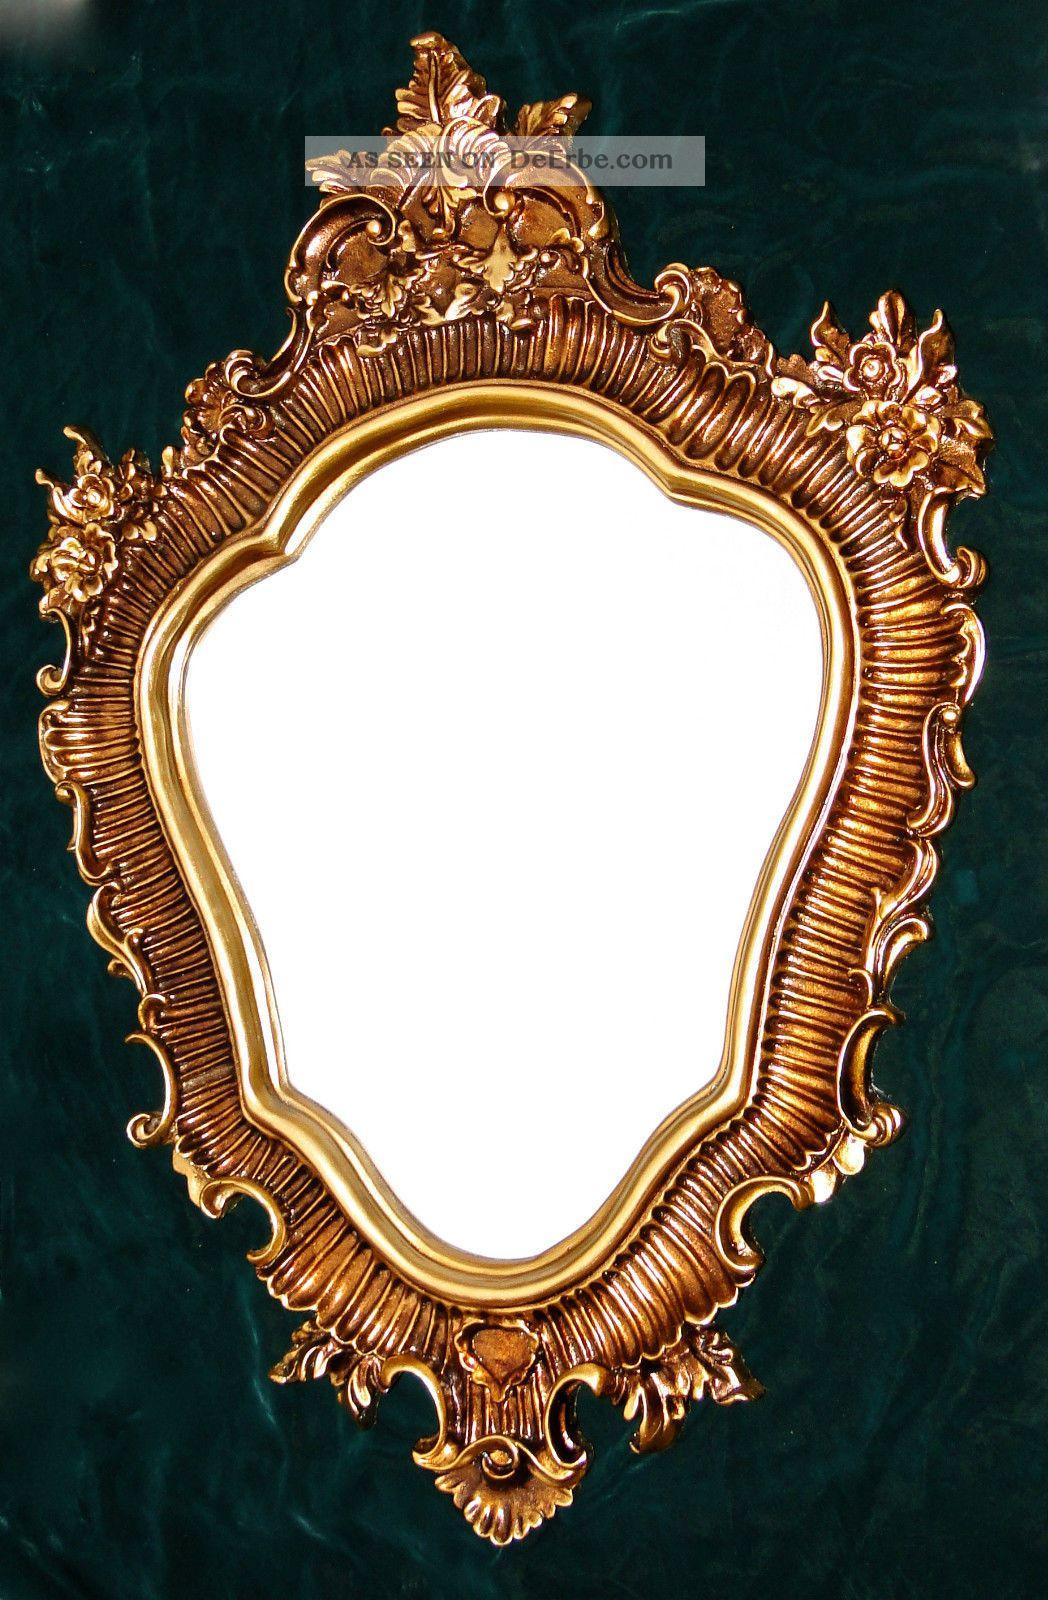 gro er wandspiegel barock oval 103x73cm badspiegel antik. Black Bedroom Furniture Sets. Home Design Ideas